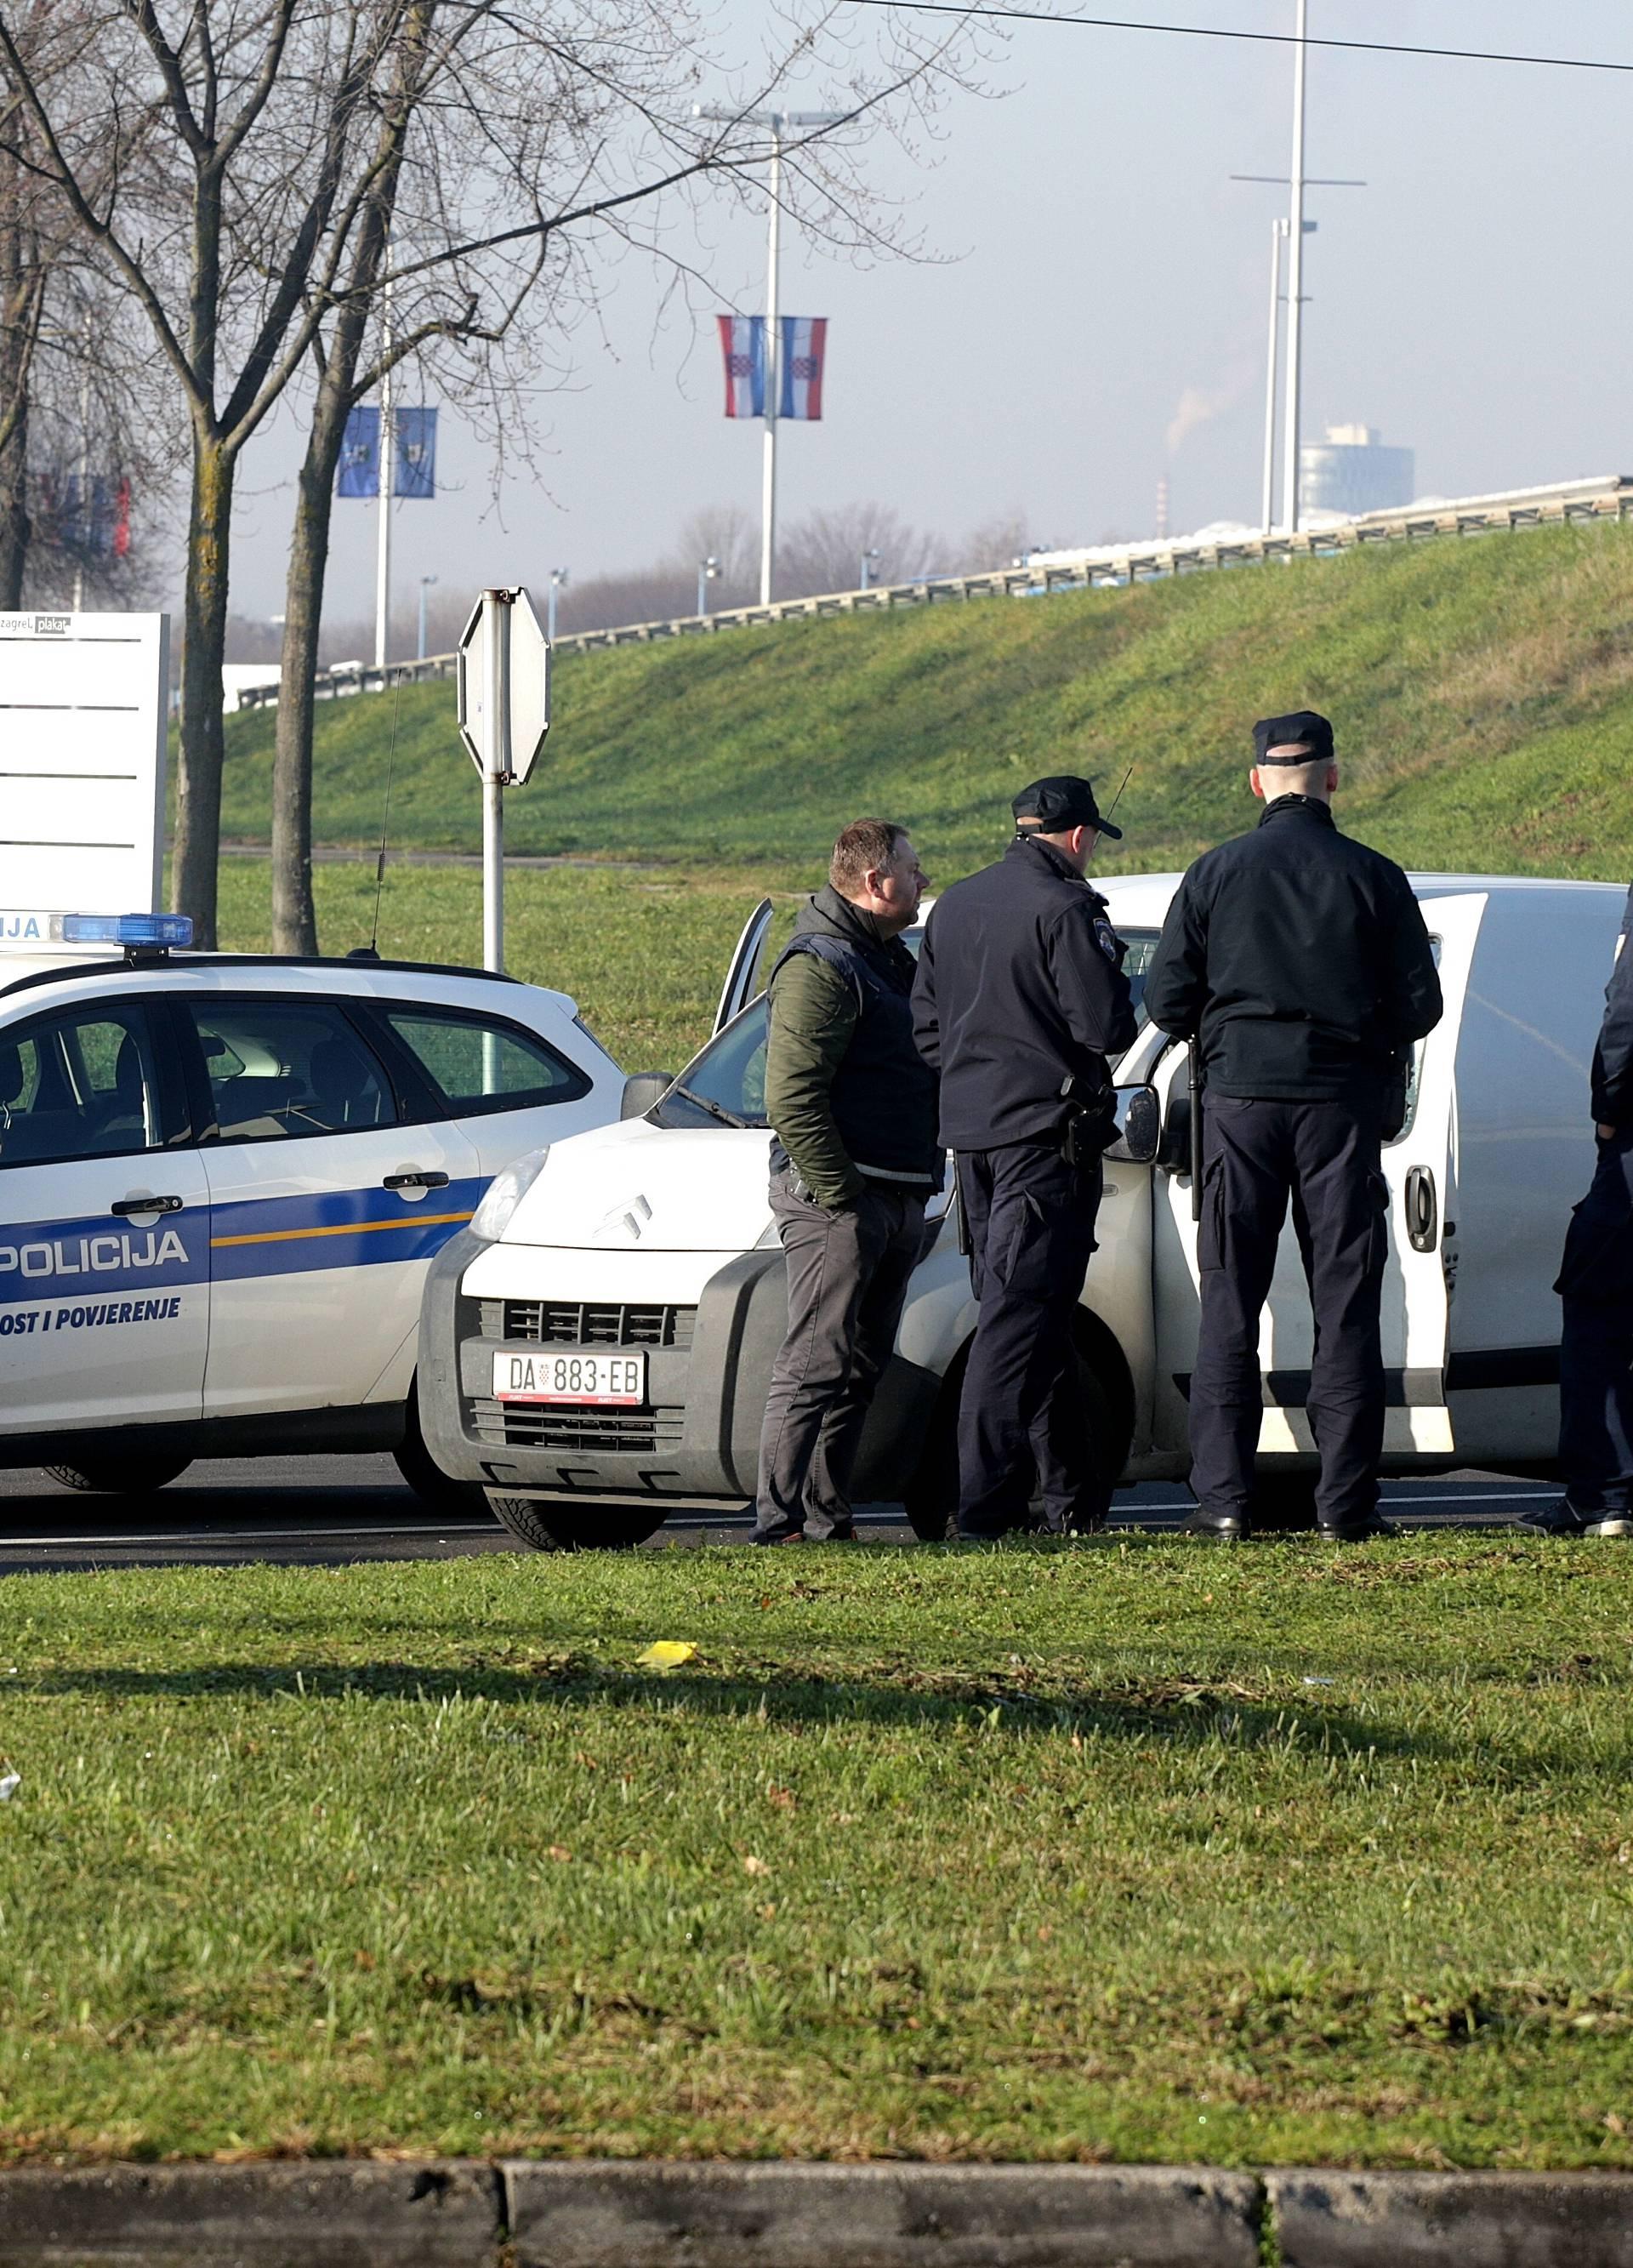 Pljačka na Žitnjaku: Policija je uhitila još dvojicu muškaraca...